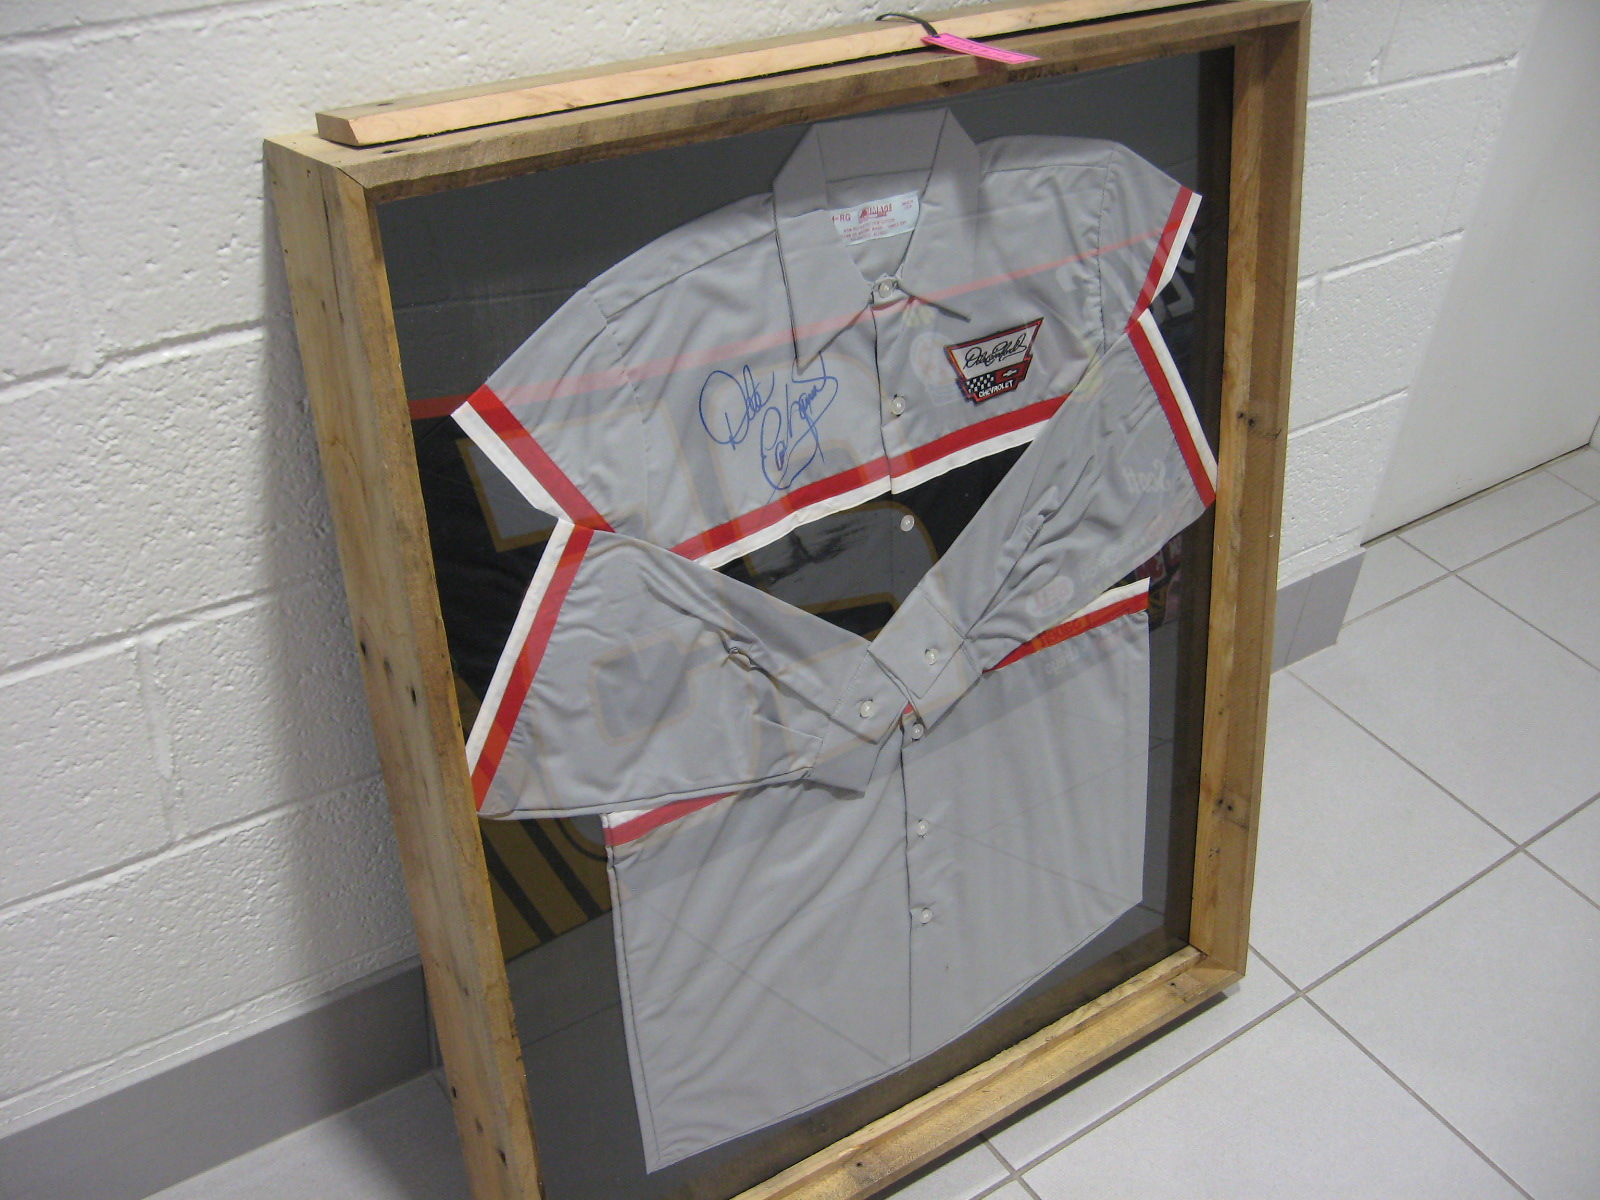 Signed & Framed Dale Earnhardt Chevrolet Technician Shirt